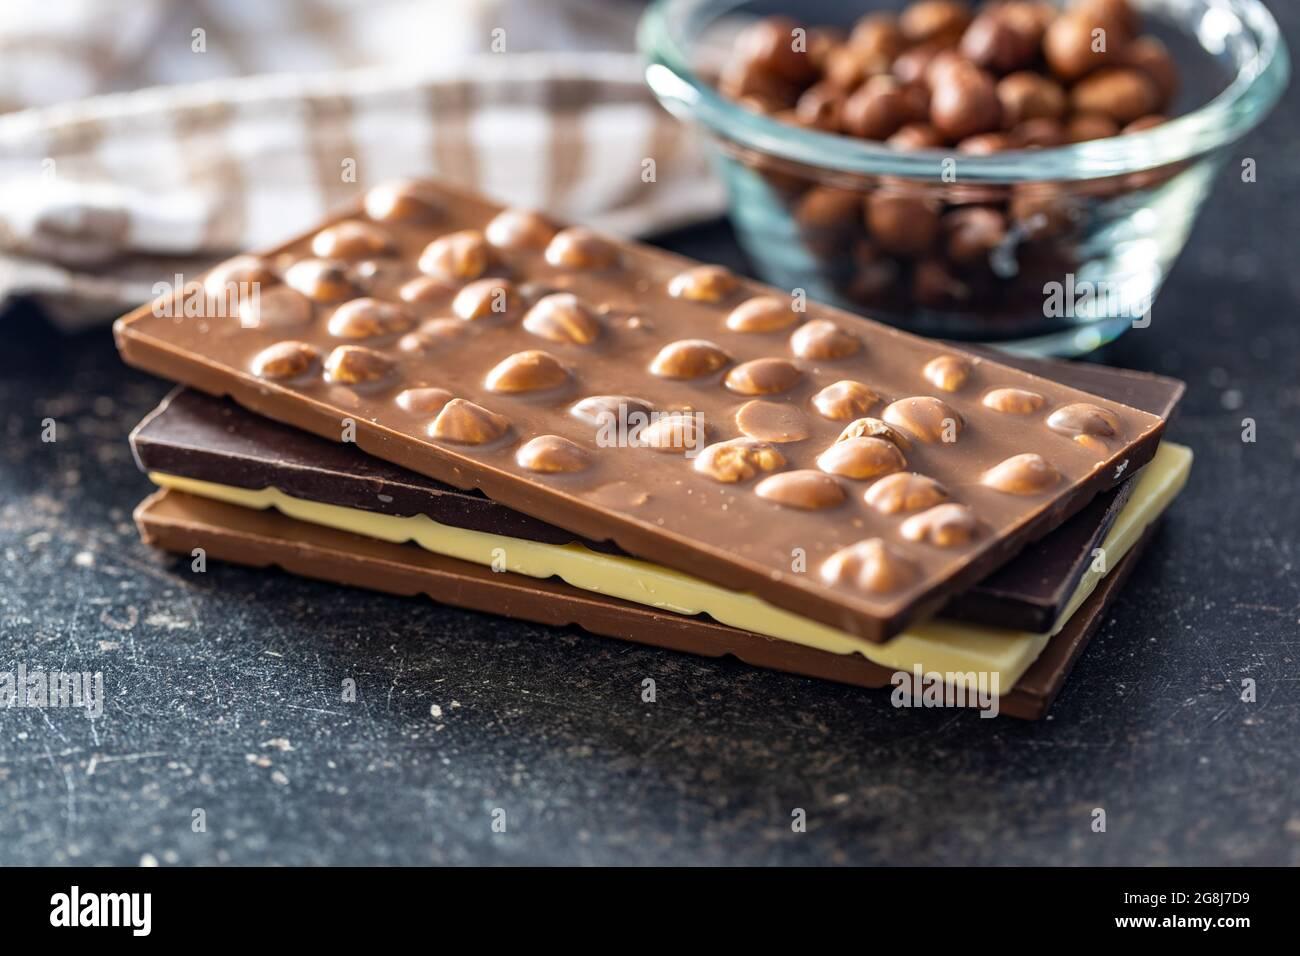 Varie barrette di cioccolato con nocciole su tavola nera. Foto Stock